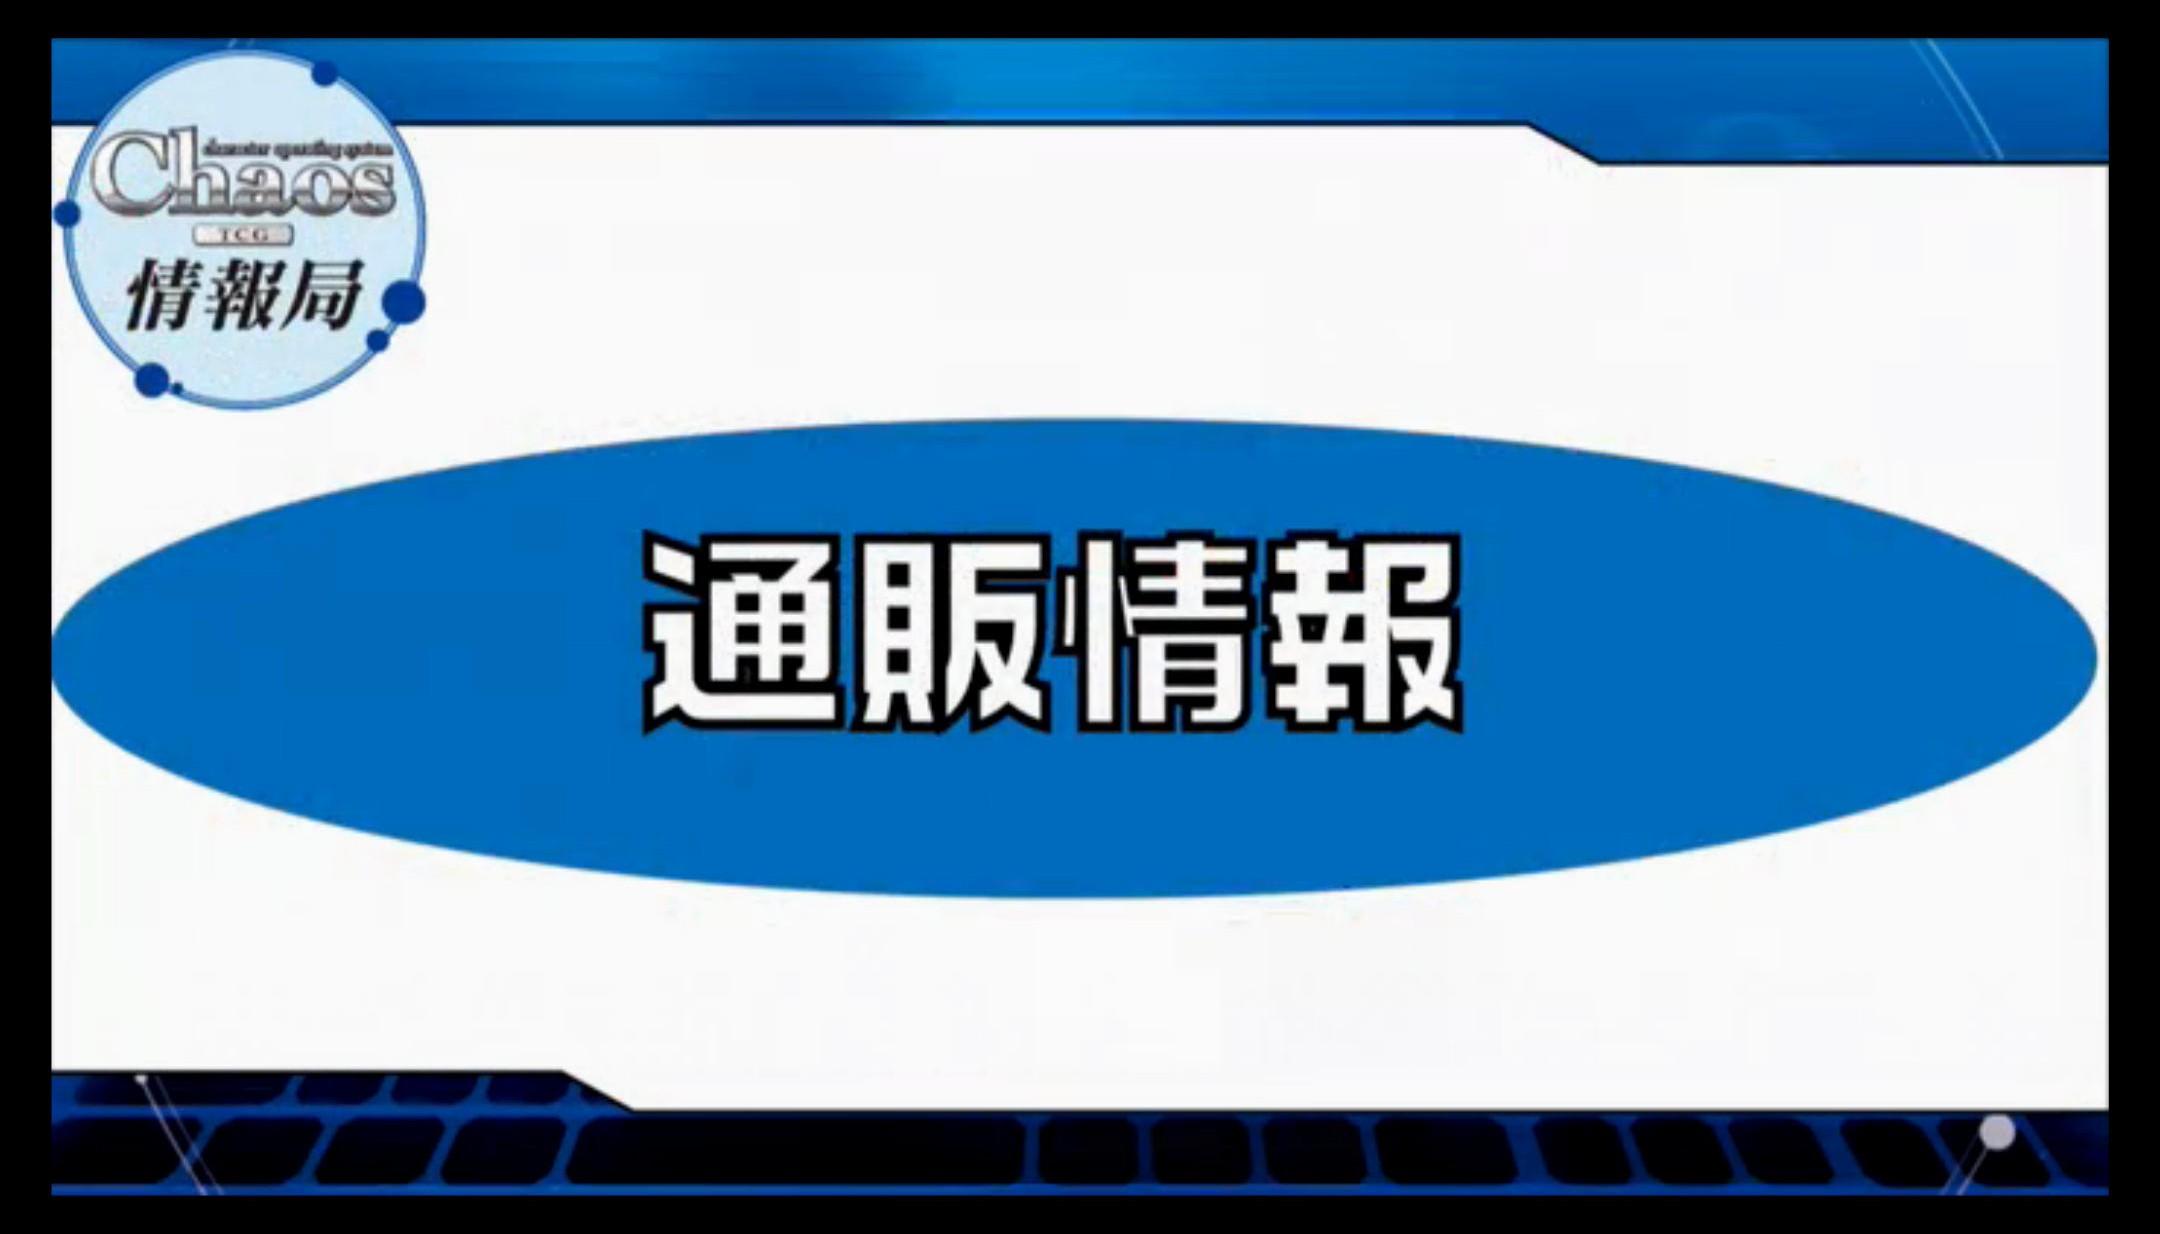 bshi-live-170928-026.jpg